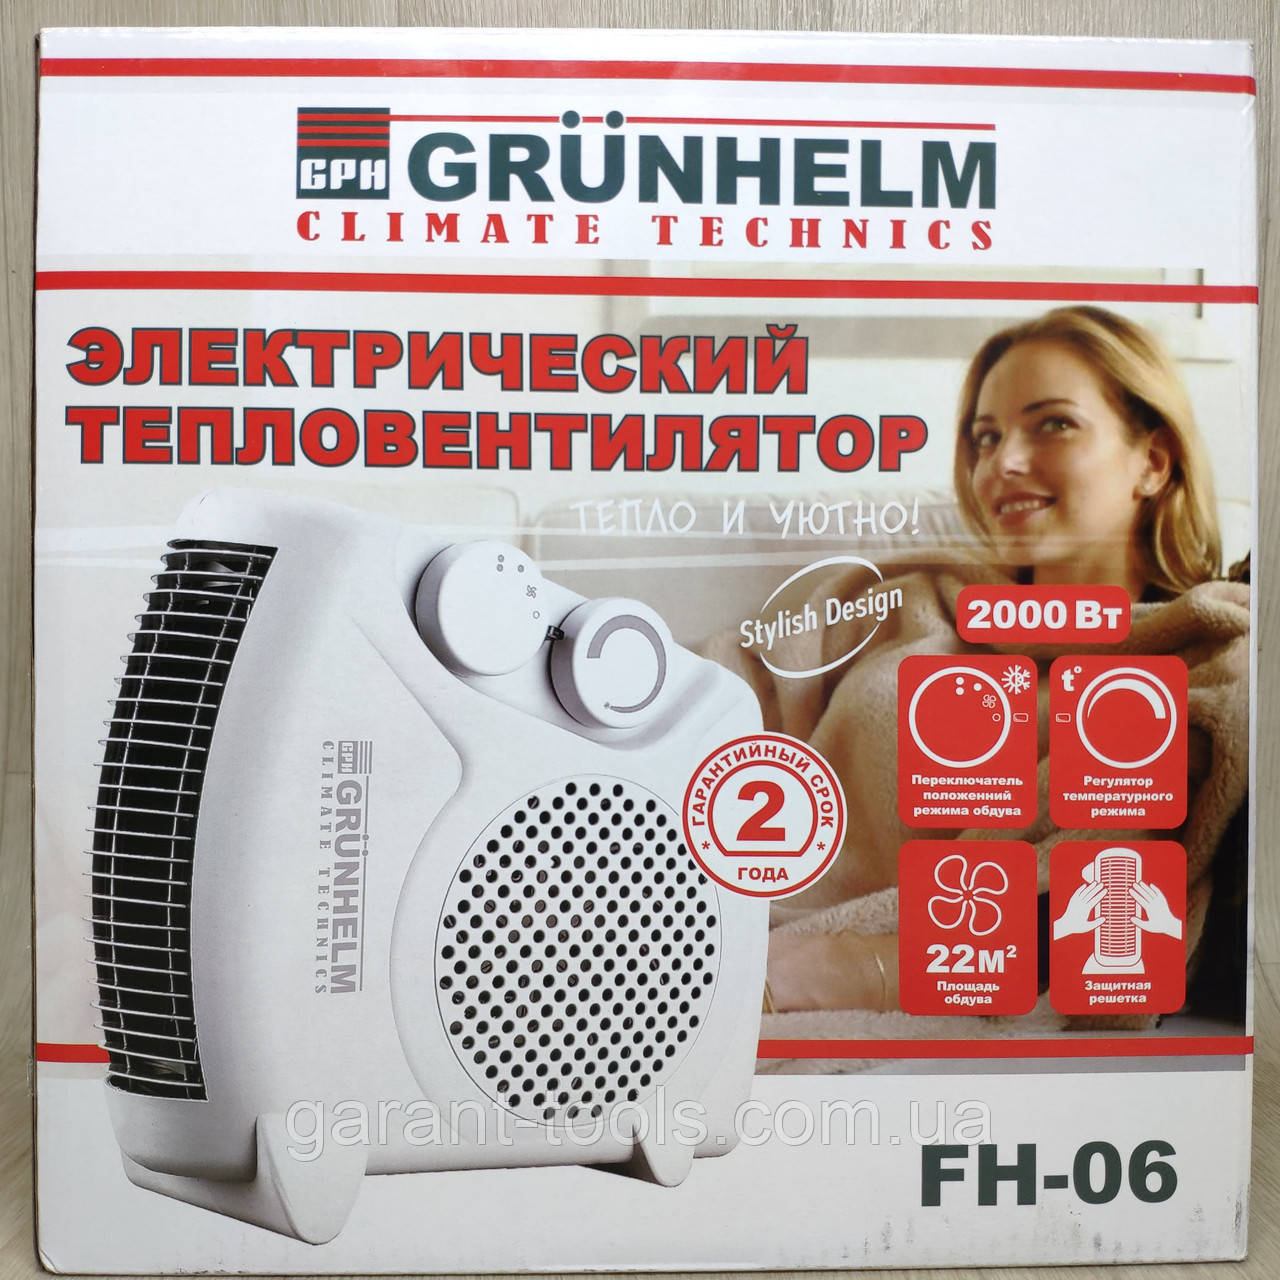 Тепловентилятор спіральний Grunhelm FH-06 (1000/2000Вт, 220В)